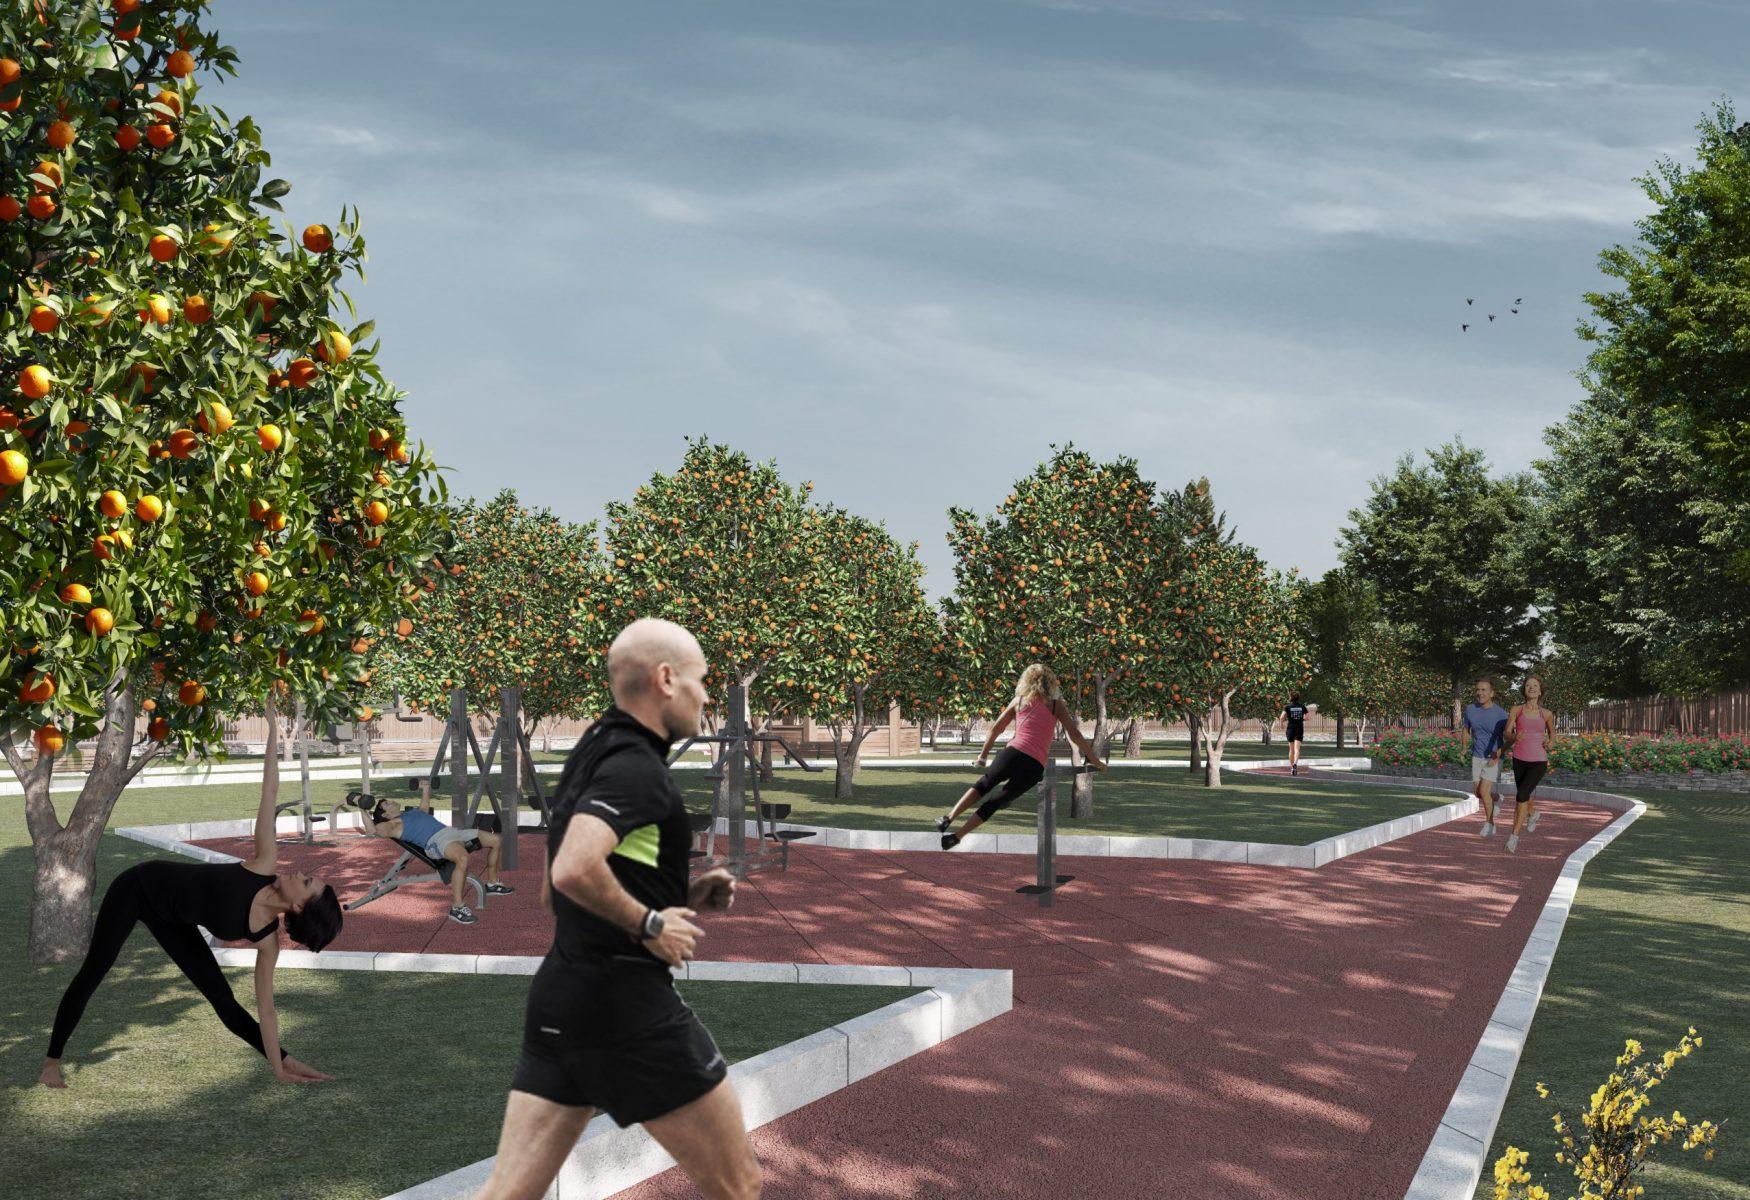 milara-srl-gruppo-postiglione-societa-di-costruzioni-e-vendita-appartamenti-immobili-residenziali-commerciali-cr53-f4-torre-nuova-torrione-parco-verde-jogging-area-fitness